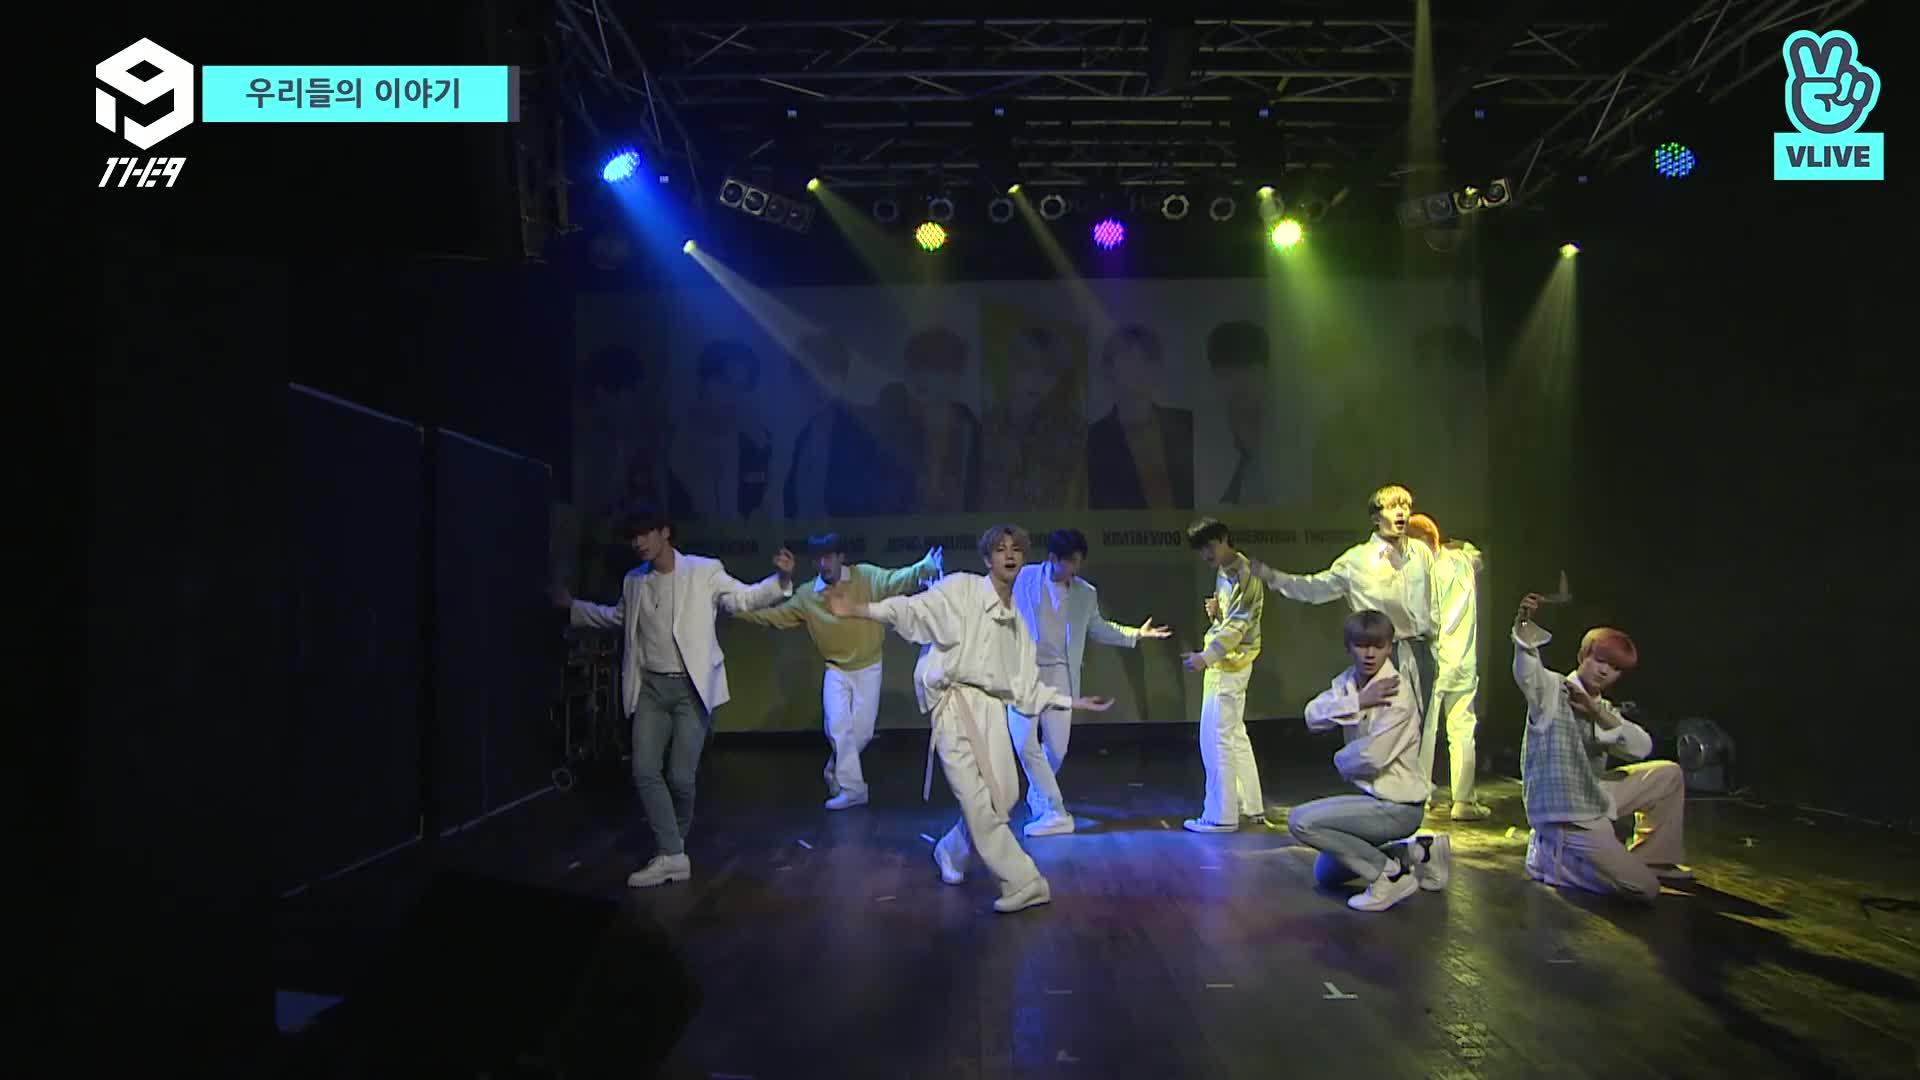 원더나인 'XIX' 앨범 '우리들의이야기+도미노' 퍼포먼스